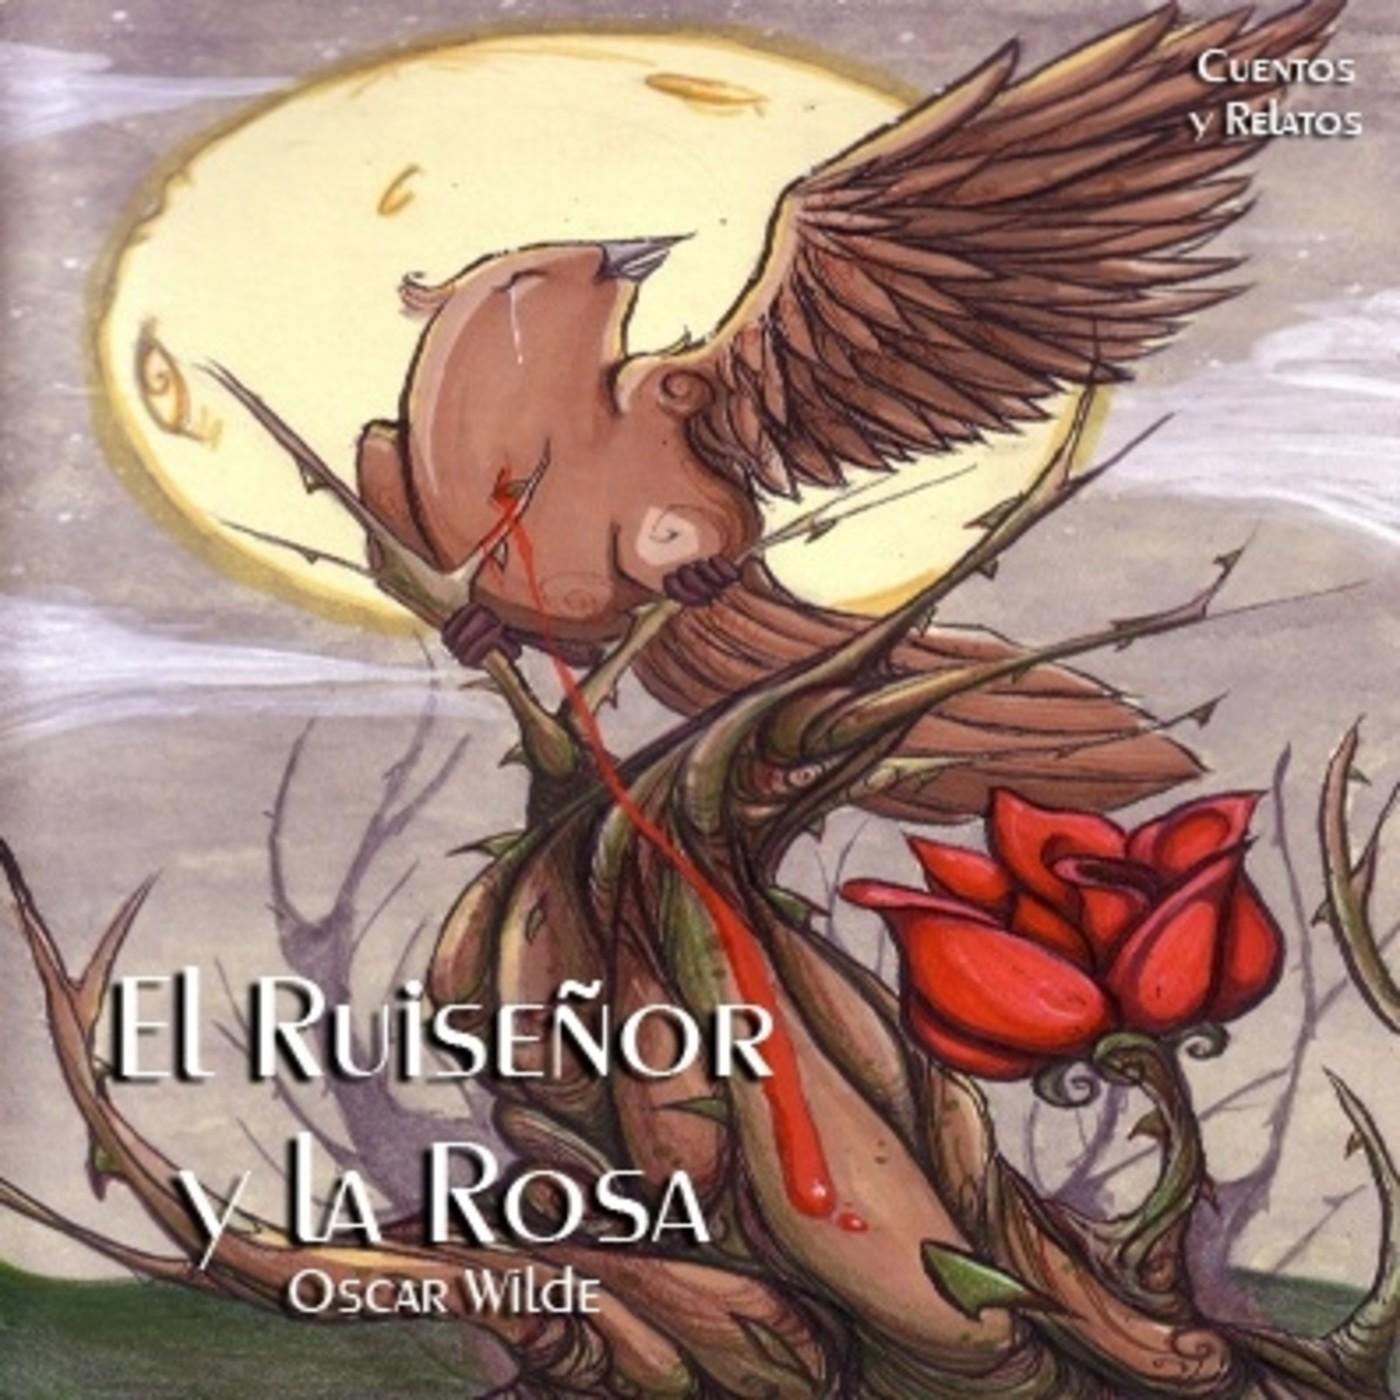 El Ruiseñor y la Rosa Cuento – Oscar Wilde